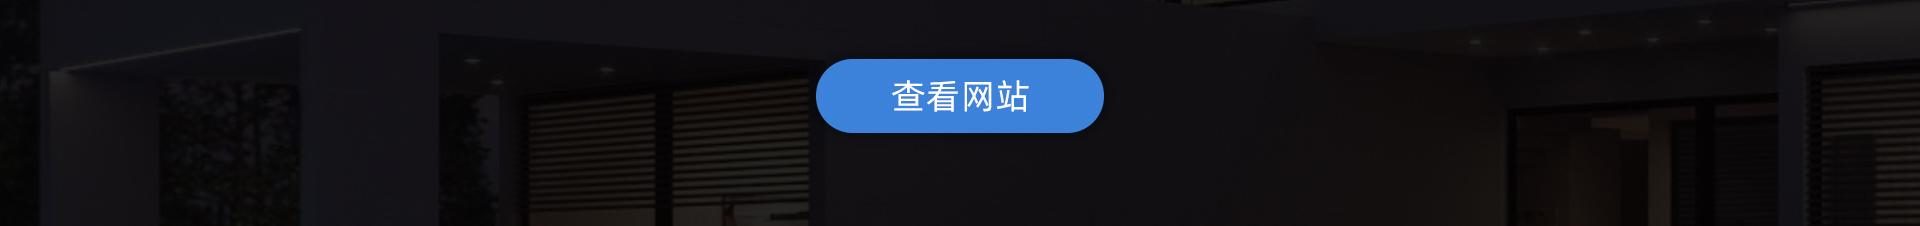 赛娜组-刘梦培_02